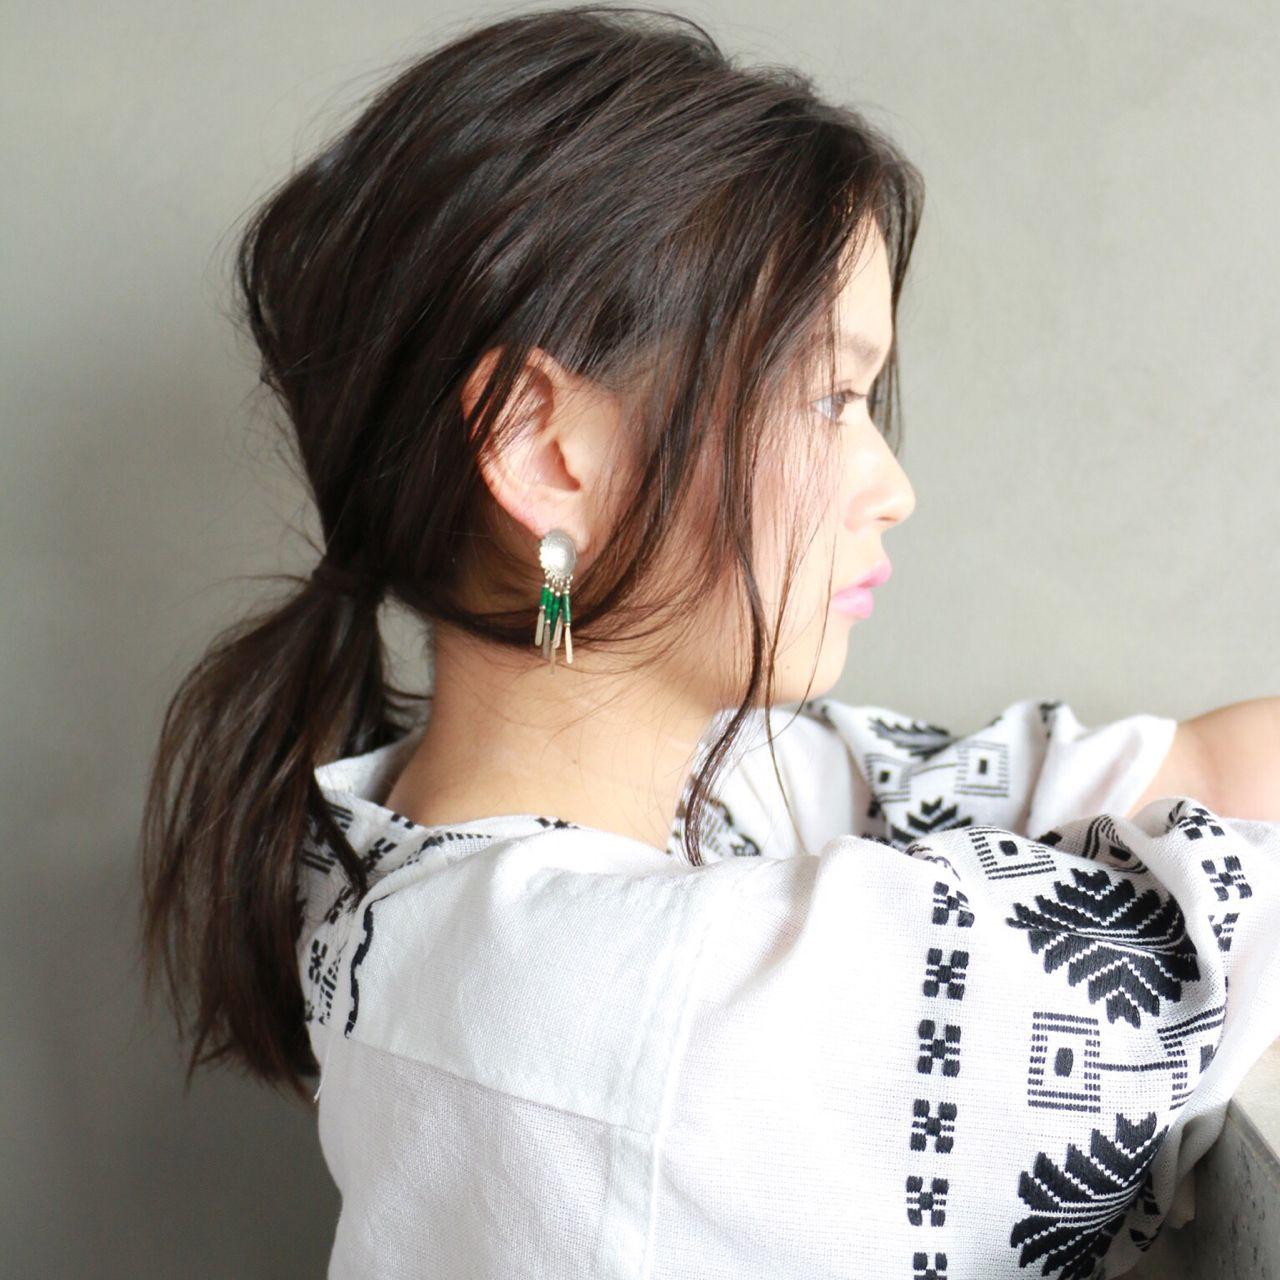 黒髪でも重く見えないミディアムスタイル7選 高橋 忍